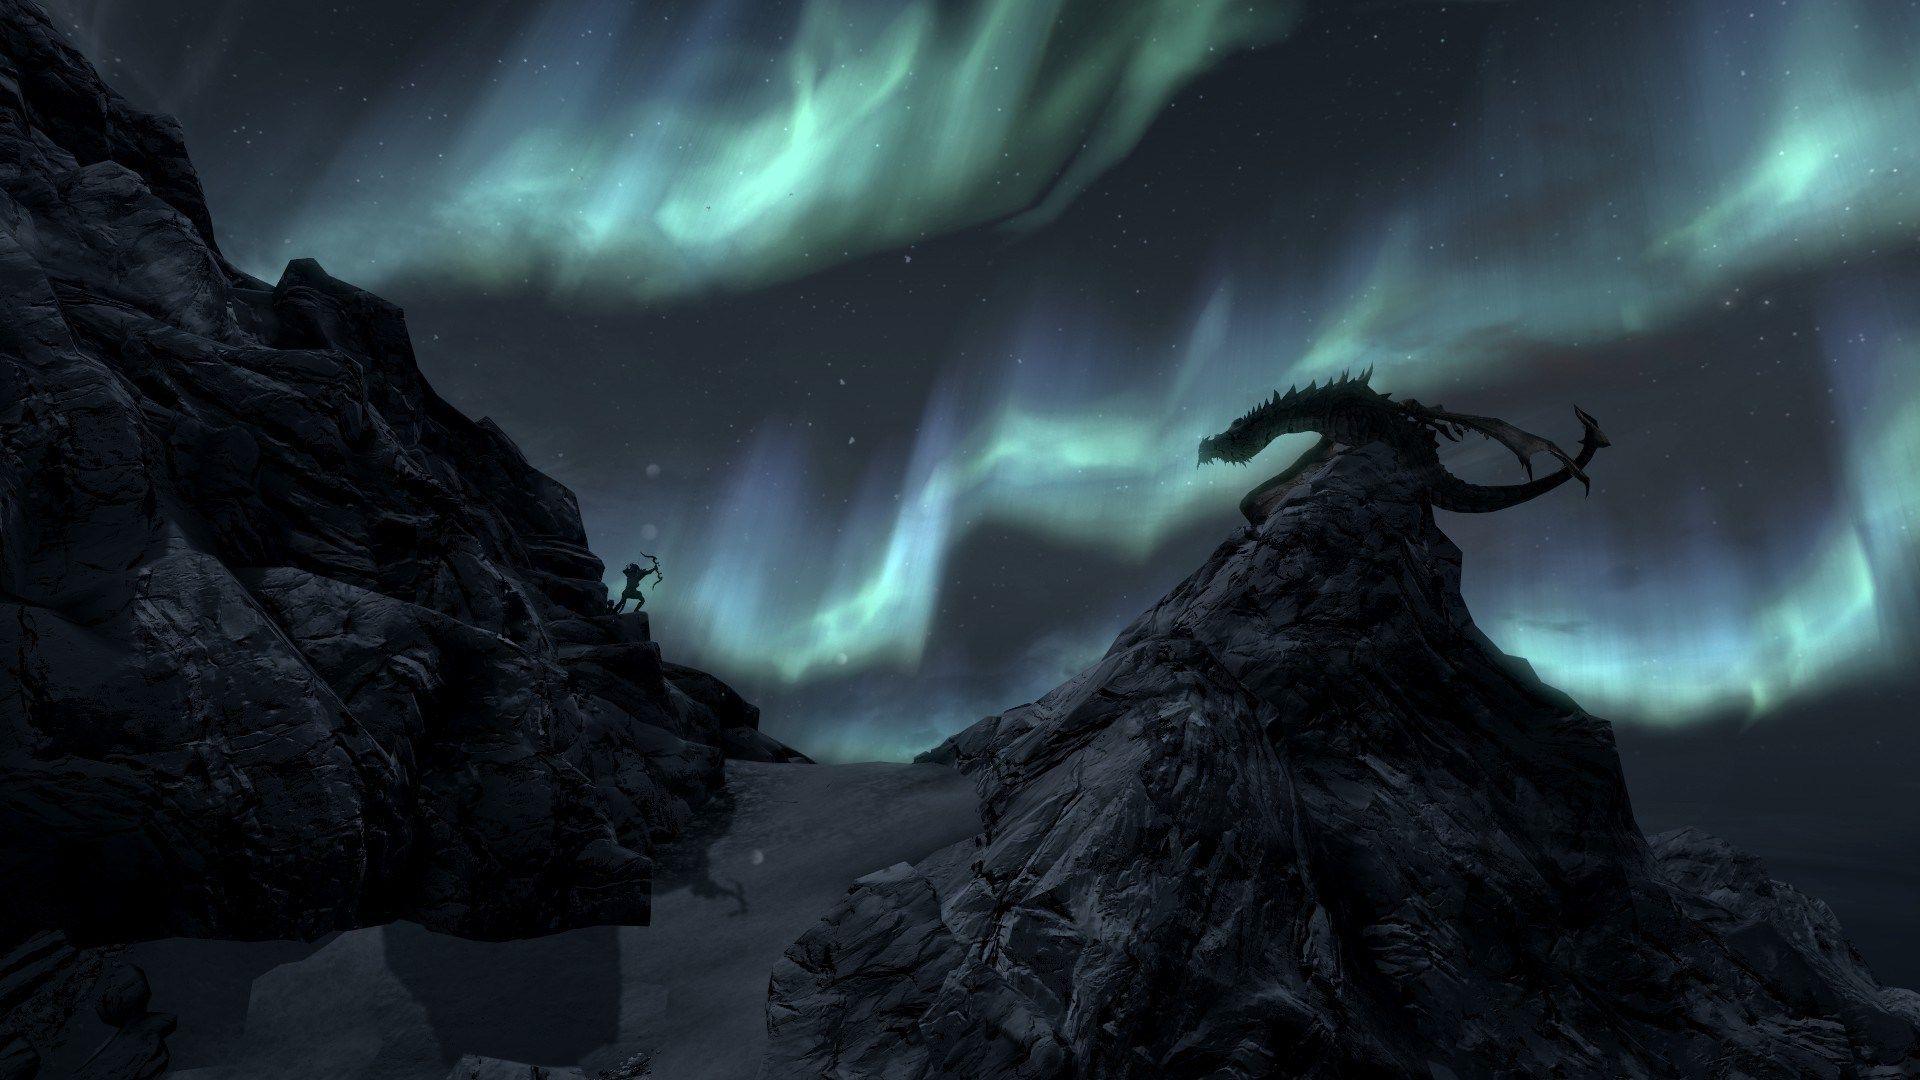 The Elder Scrolls V Skyrim 1080p Windows Elder Scrolls V Skyrim Skyrim Wallpaper Background Images